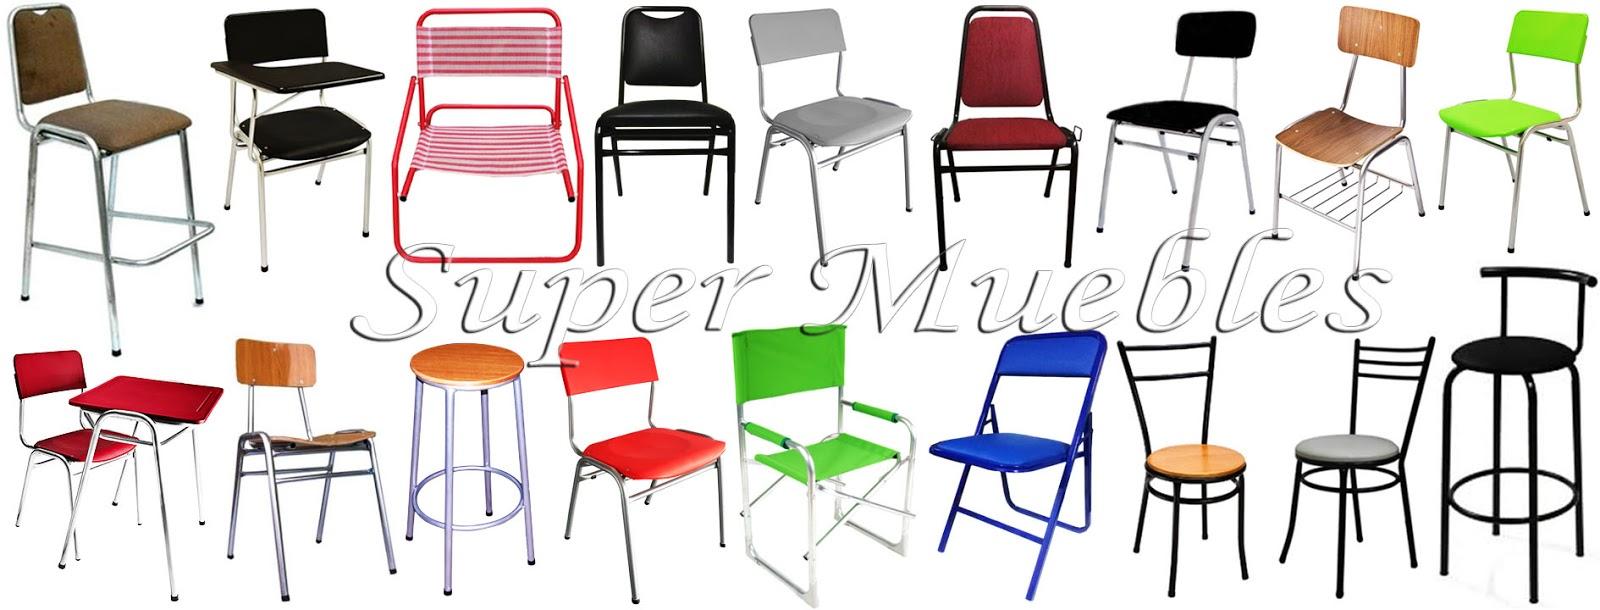 Super muebles sillas apilables variedad de modelos for Sillas para bar economicas